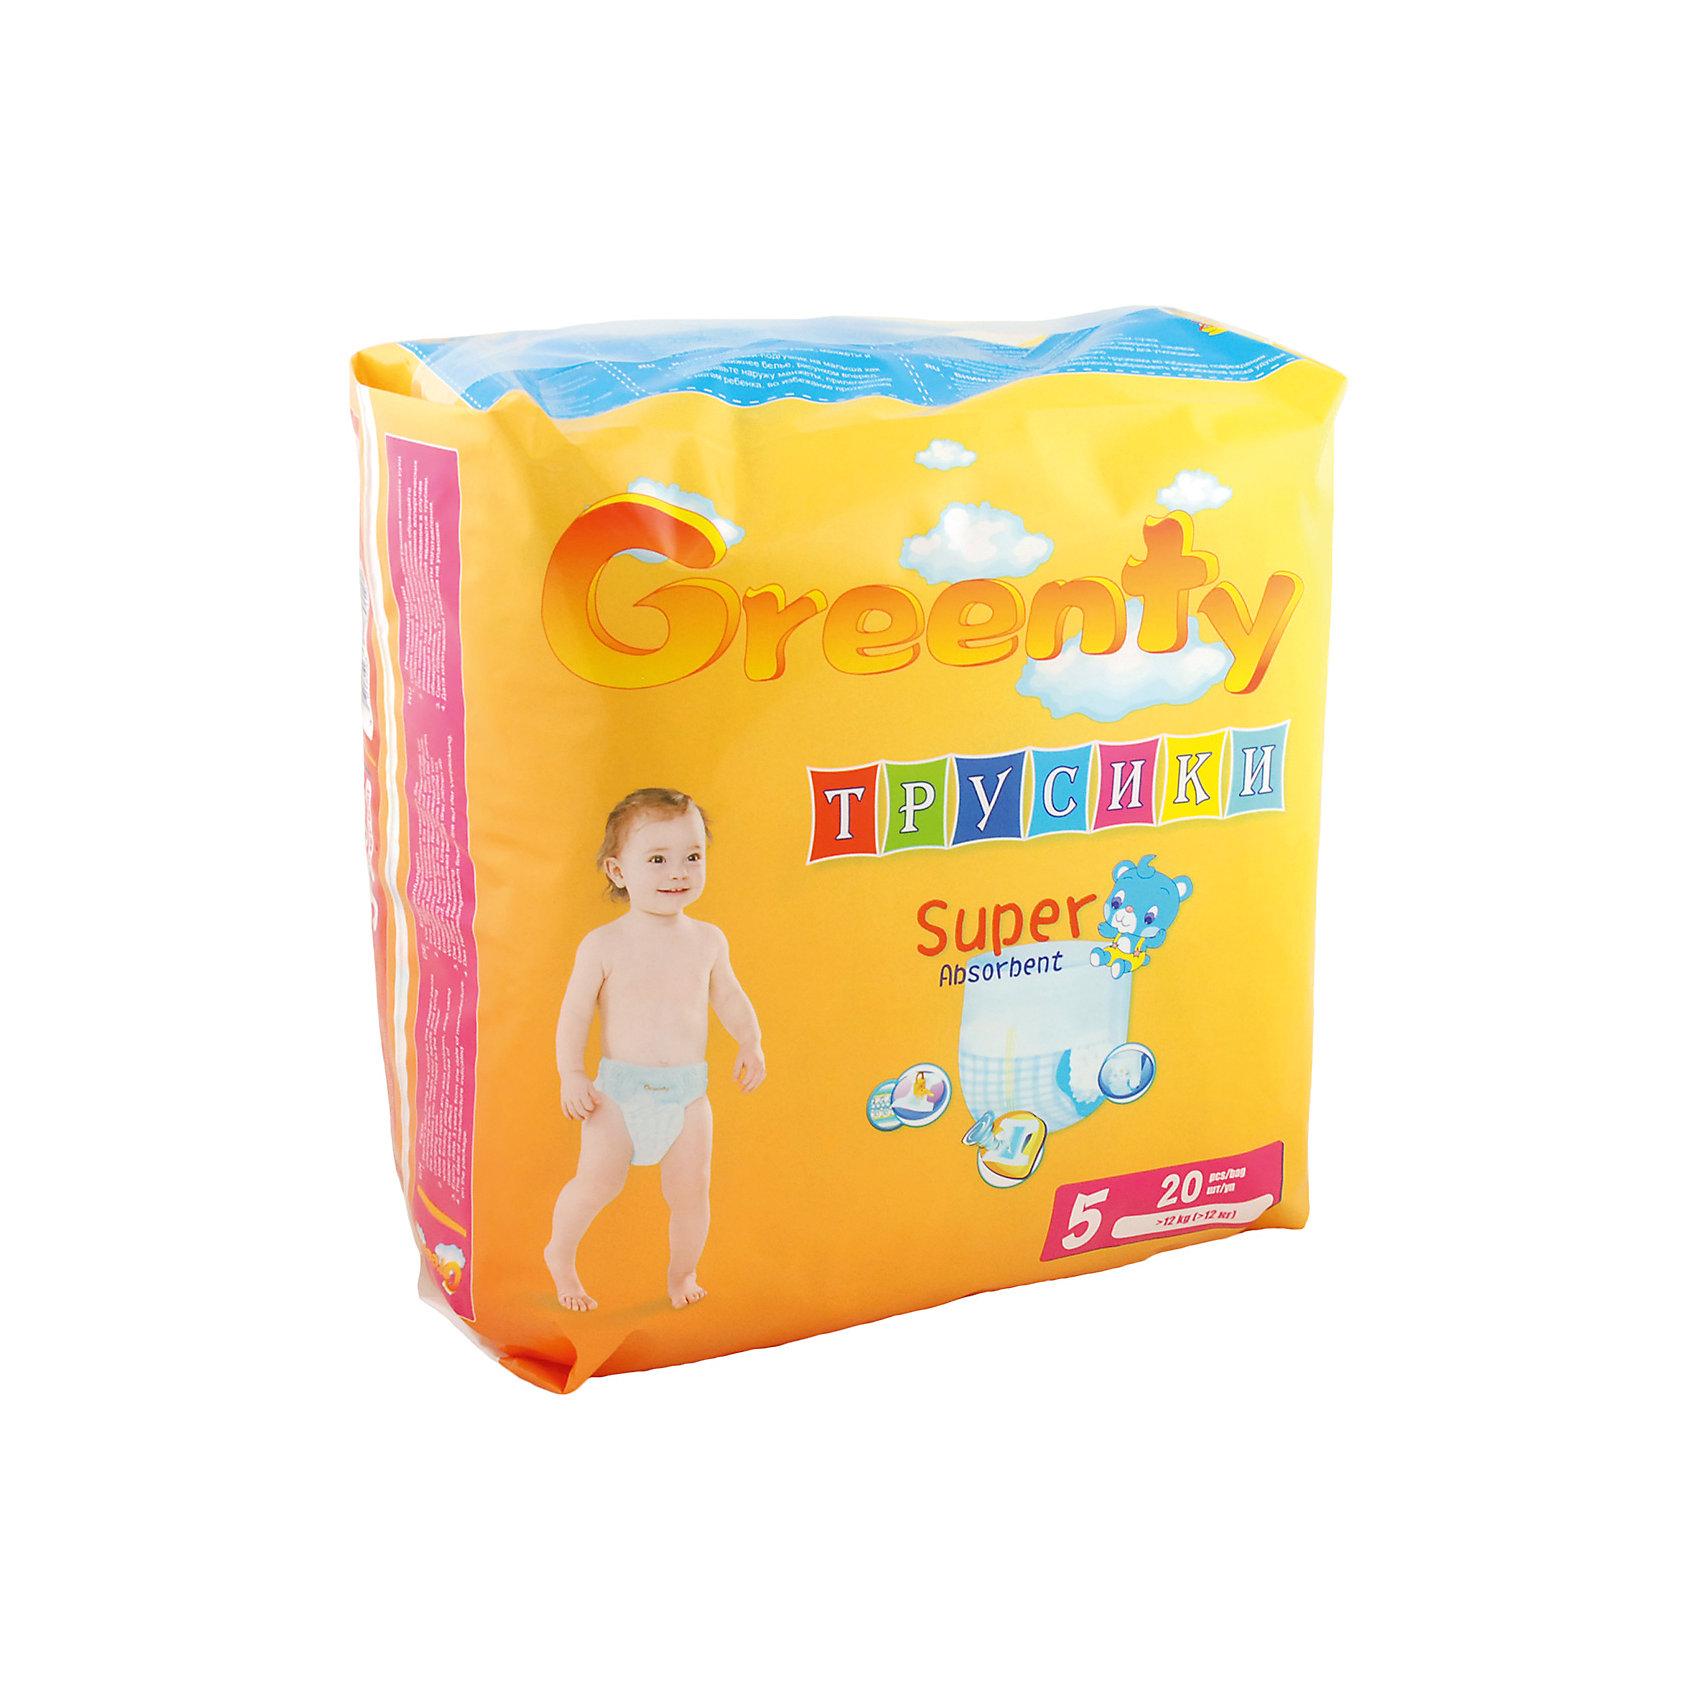 Подгузники-трусики Greenty 5, + 12 кг, 20 шт.Трусики-подгузники<br>Трусики-подгузники ГРИНТИ – уникальная разработка специалистов для малышей, ведущих подвижный образ жизни. Продукт имеет премиум качество, но его цена приятно удивит родителей. <br>Трусики легко одеть даже на самого активного малыша. Модель не сковывает движения, позволяет ребенку перемещаться во всех направлениях, не испытывая дискомфорт. Трусики – подгузники отлично впитывают и оснащены специальными манжетами, предотвращающими протекание. Примечательно, что у модели есть индикатор наполнения, который уже успел полюбиться всем родителям.<br><br>Дополнительная информация:<br><br>модель: Гринти 5;<br>возраст: +12 кг;<br>количество: 20 шт.<br><br>Подгузники-трусики Greenty 5, + 12 кг, 20 шт. можно приобрести в нашем магазине.<br><br>Ширина мм: 220<br>Глубина мм: 150<br>Высота мм: 230<br>Вес г: 750<br>Возраст от месяцев: 24<br>Возраст до месяцев: 60<br>Пол: Унисекс<br>Возраст: Детский<br>SKU: 4968081